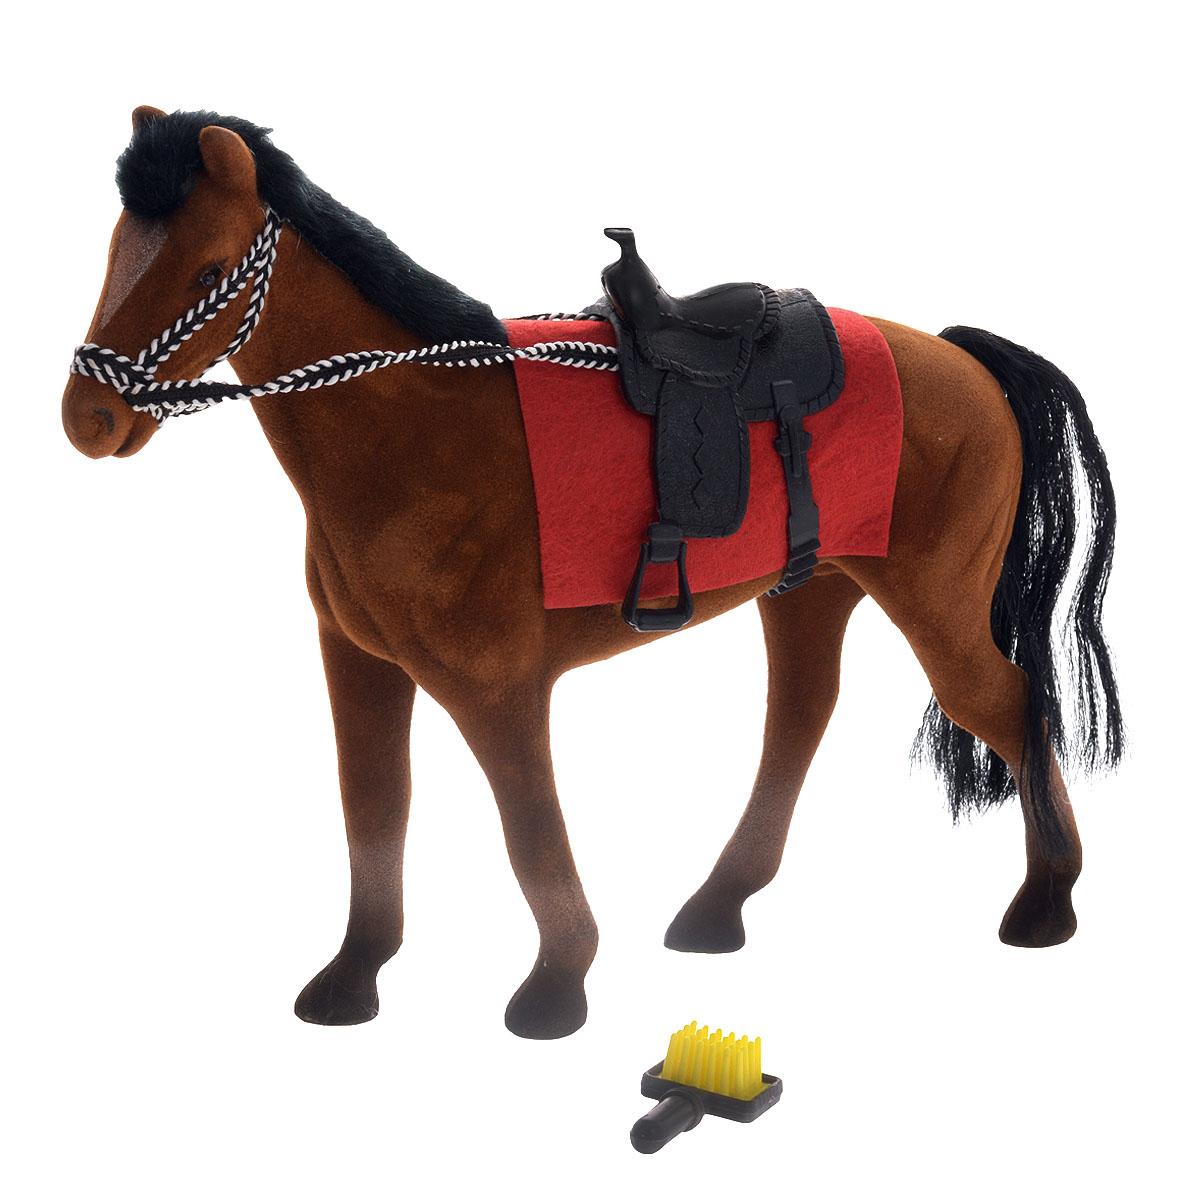 Фигурка Играем вместе Лошадь, цвет: коричневый